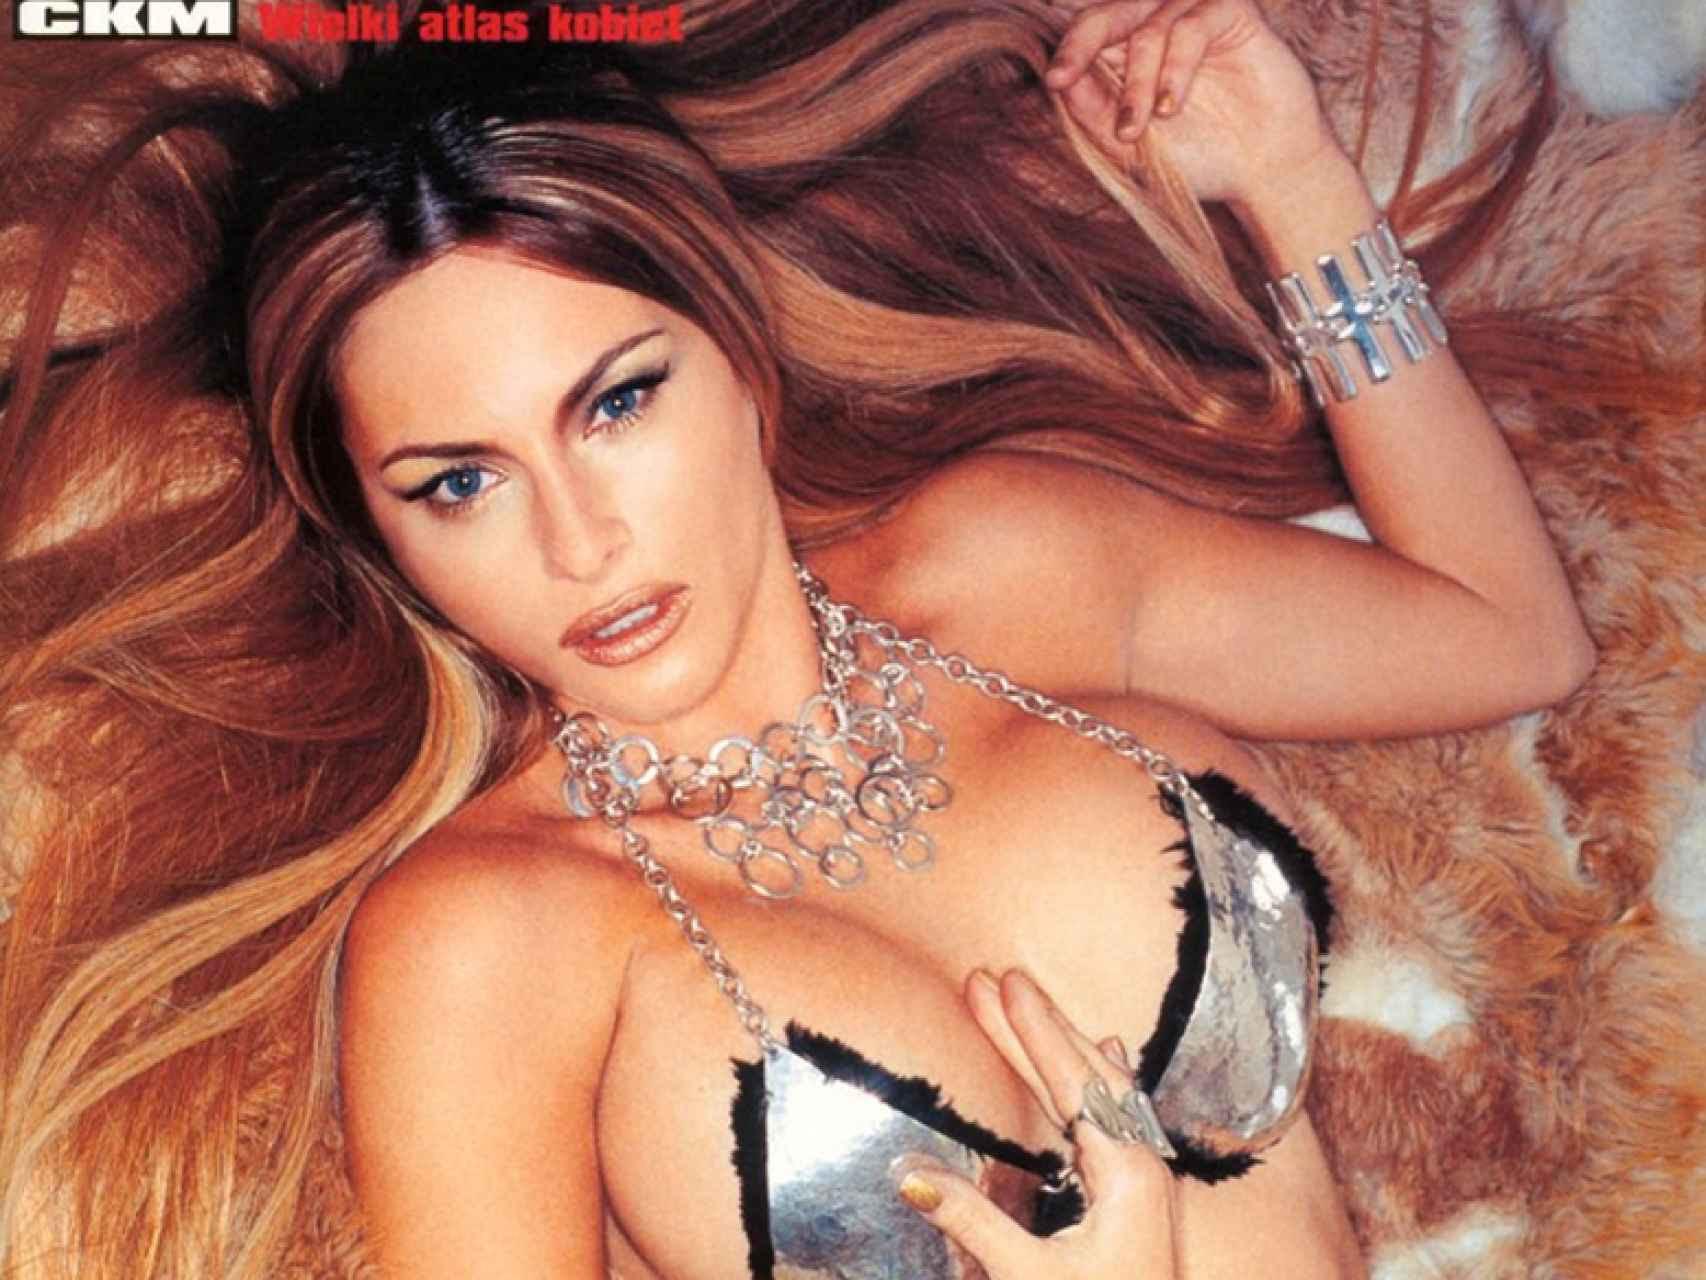 Melania fue portada de la revista polaca CKM.